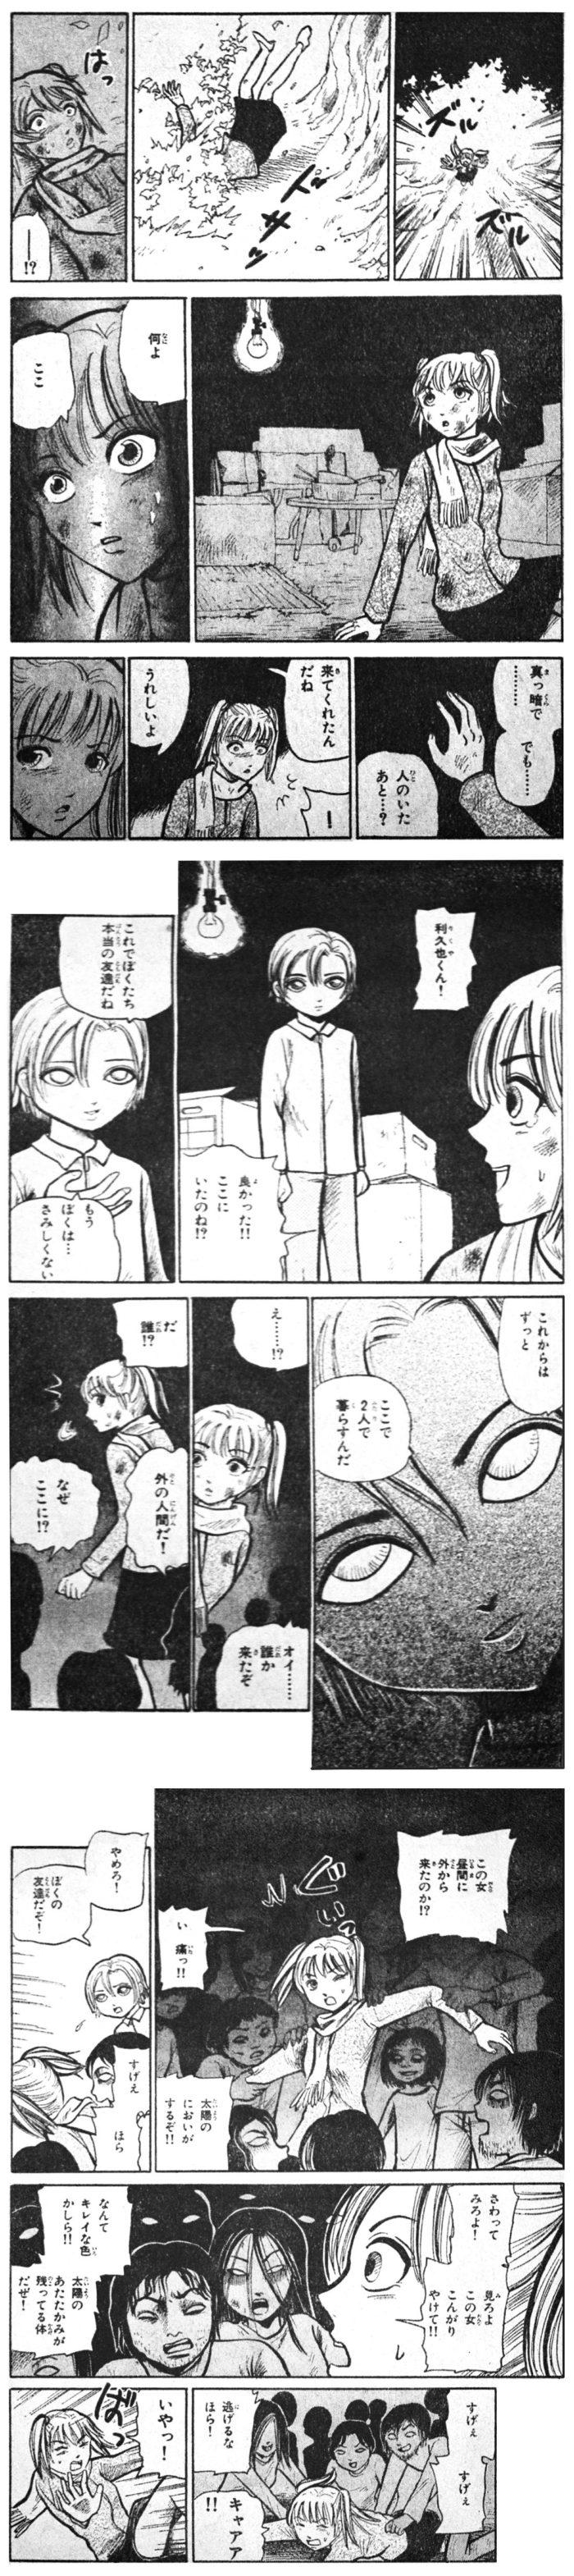 yamiiro06